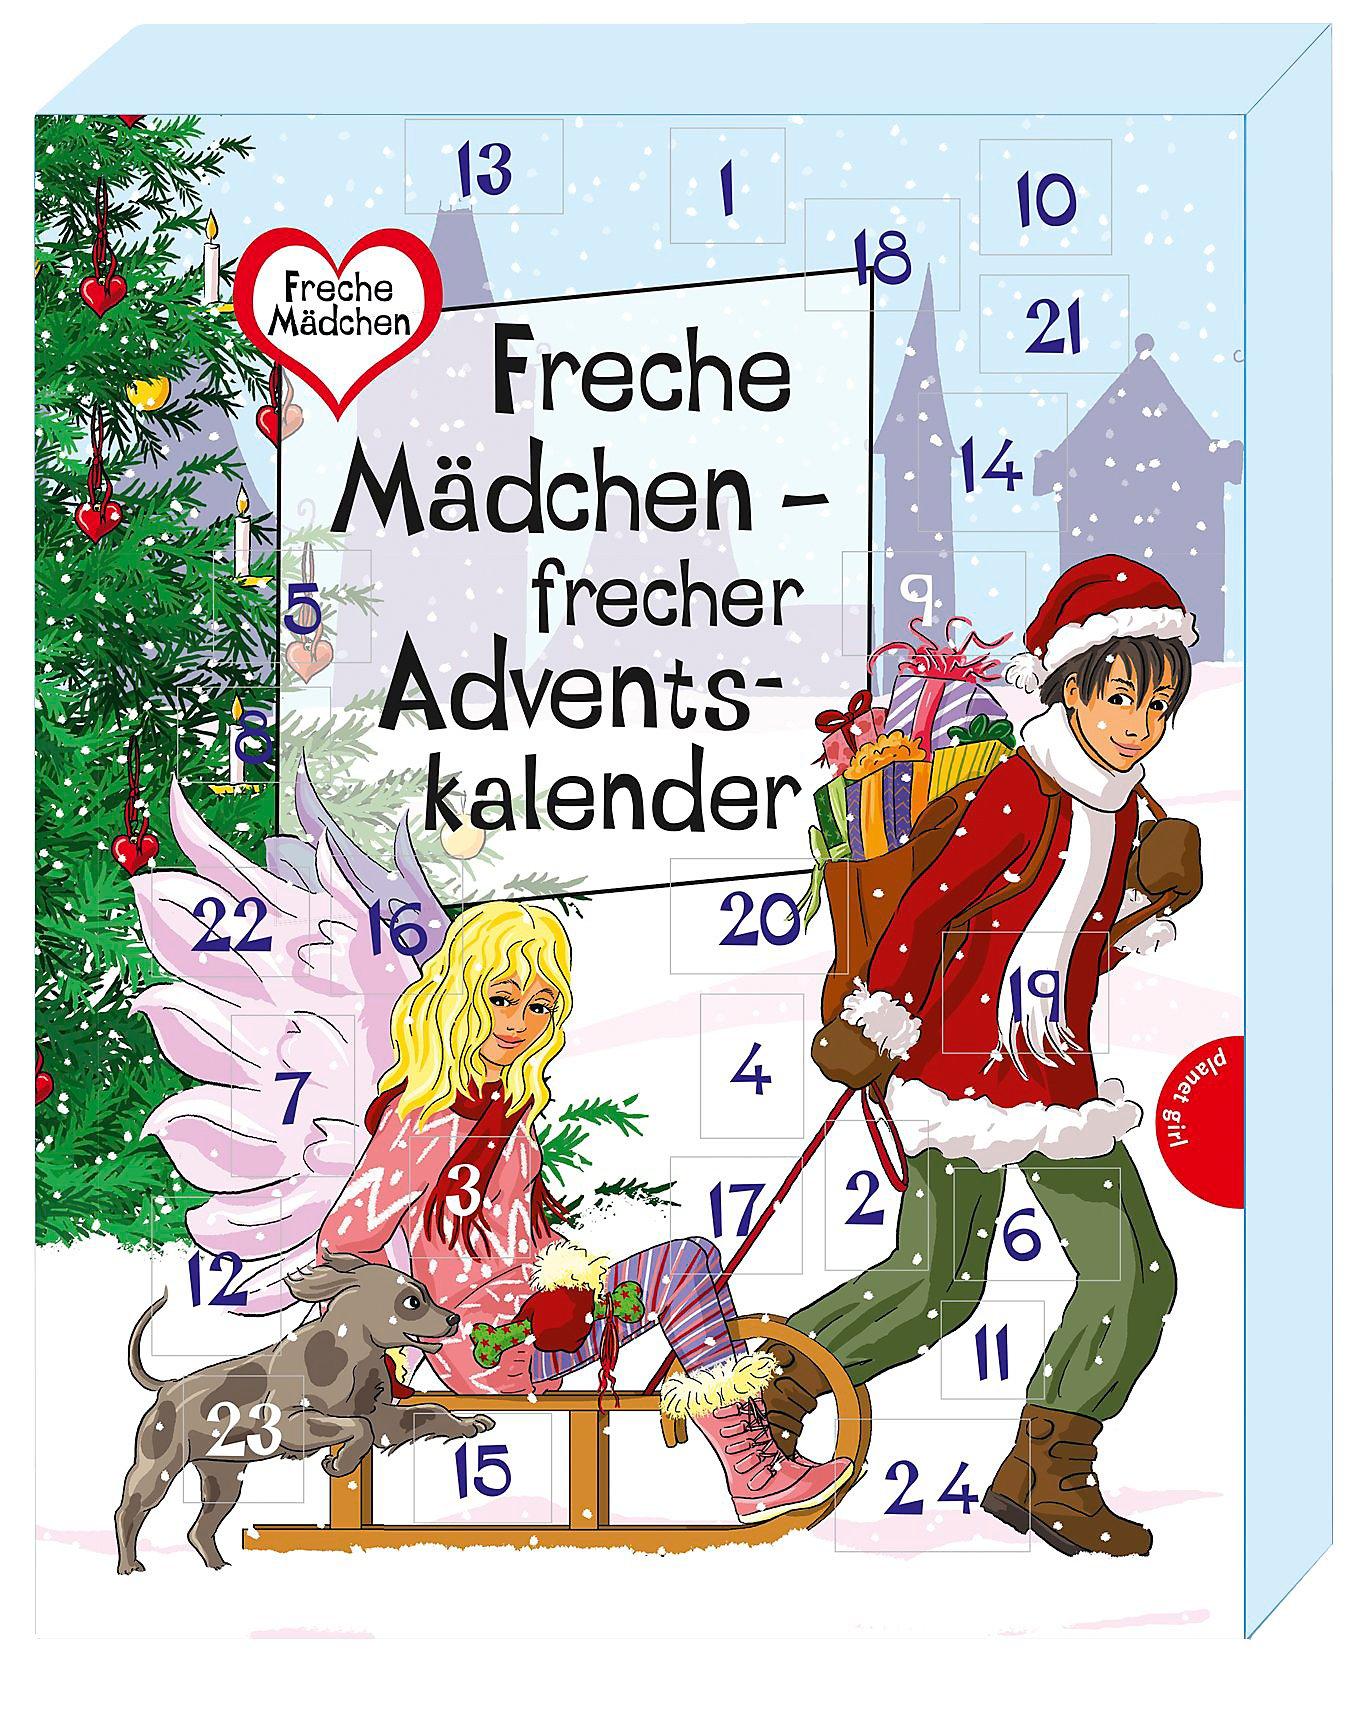 Weihnachtskalender 2019 Mädchen.Freche Mädchen Frecher Adventskalender Buch Portofrei Bestellen